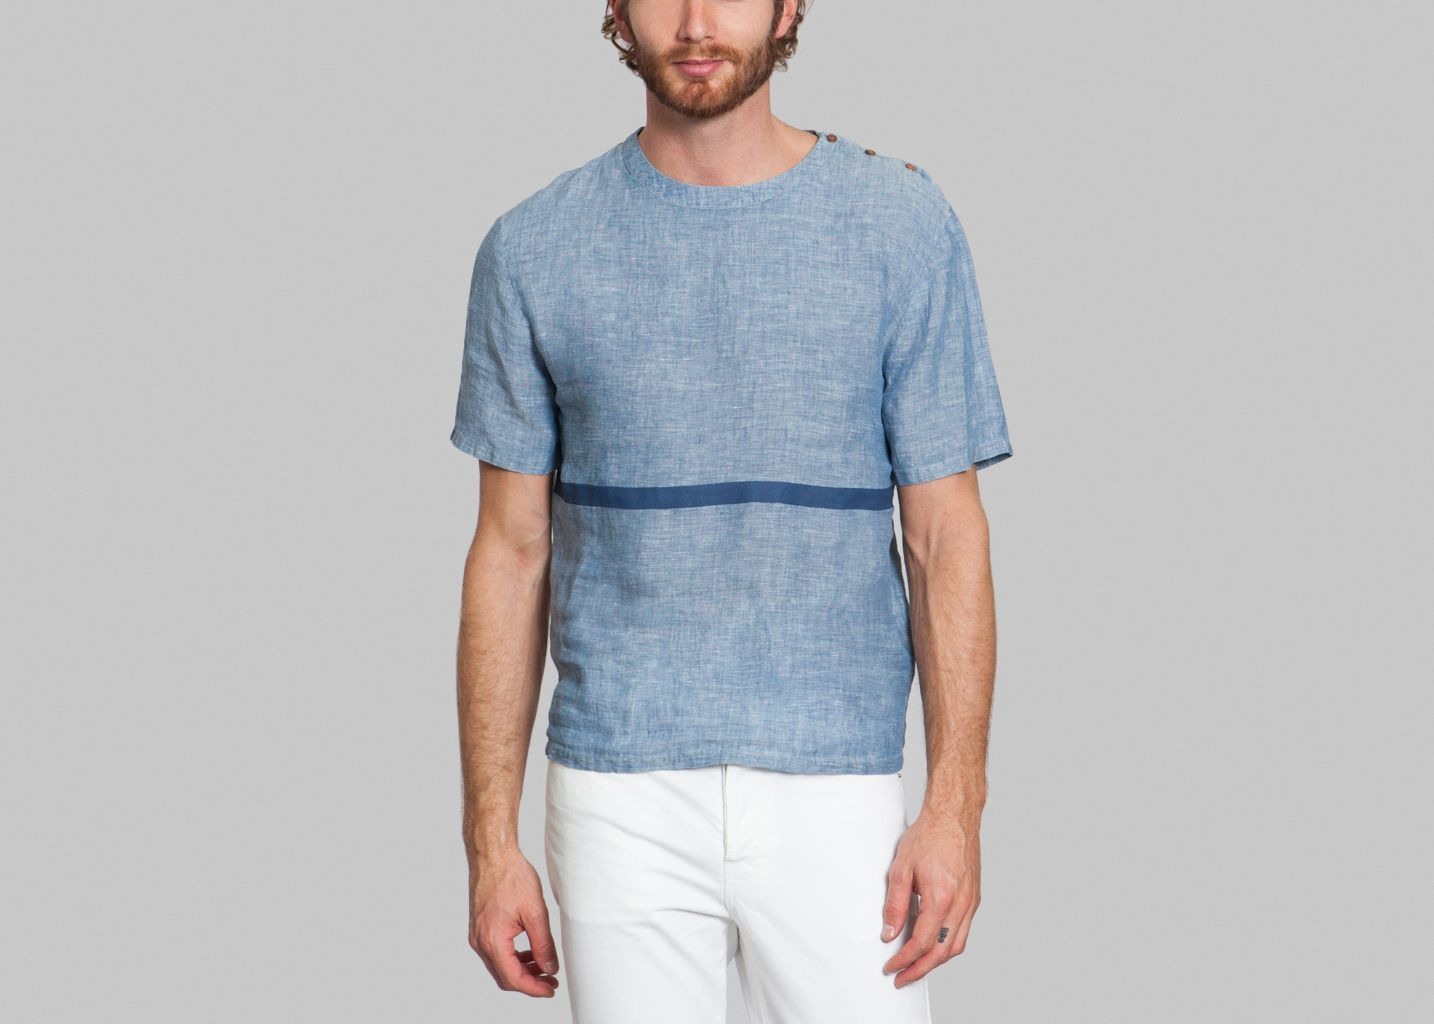 Shirt Chanti Commune de Paris en vente chez L'Exception